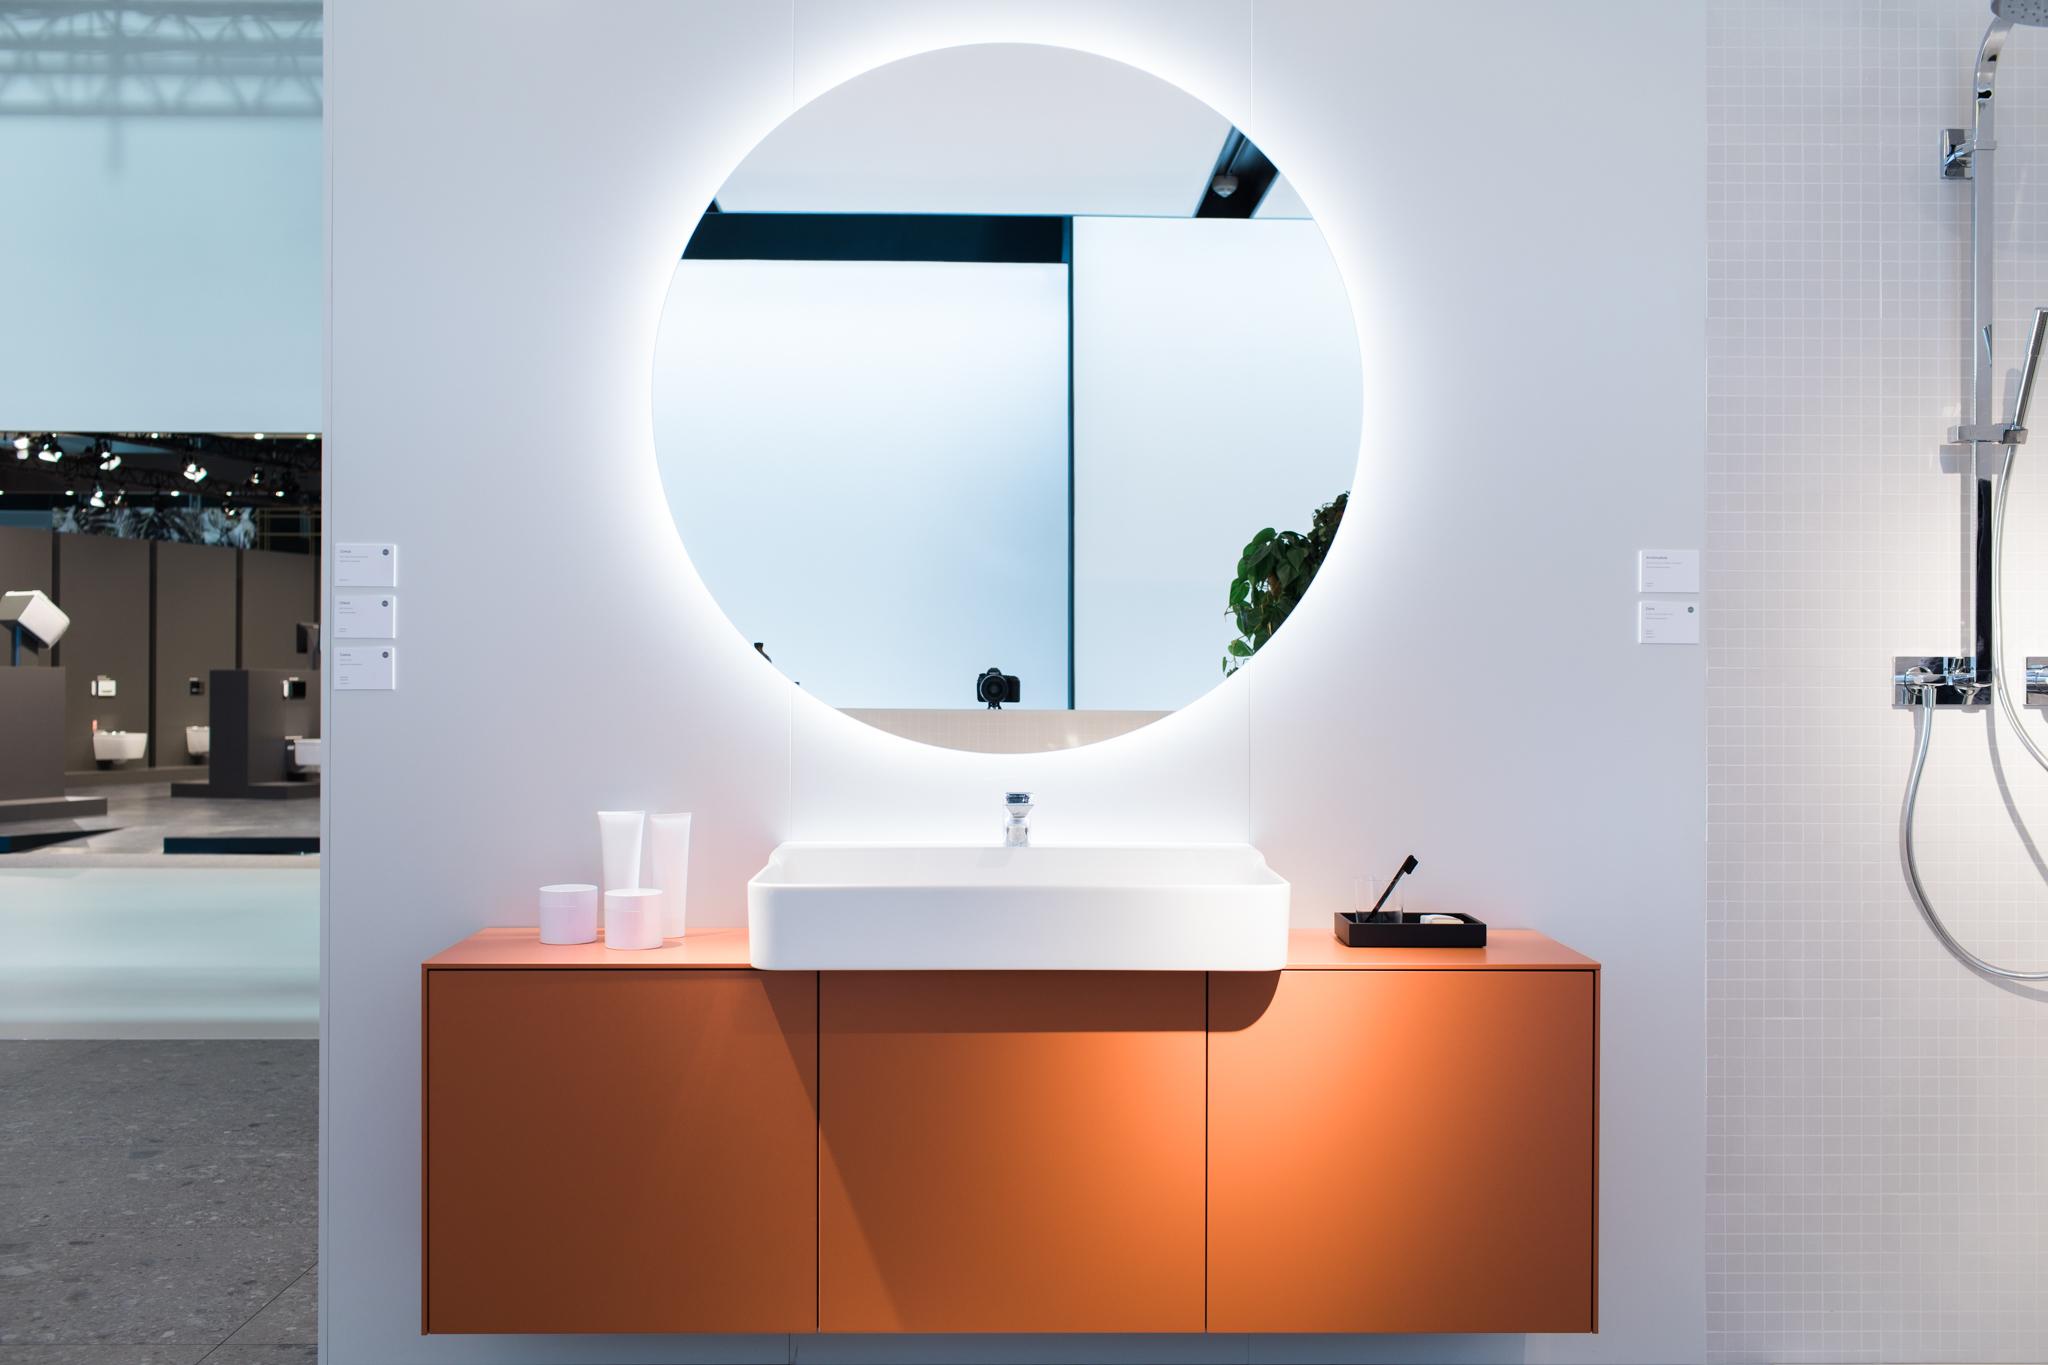 łazienka Jakiej Pragniesz Nowe Otwarcie Ideal Standard Na